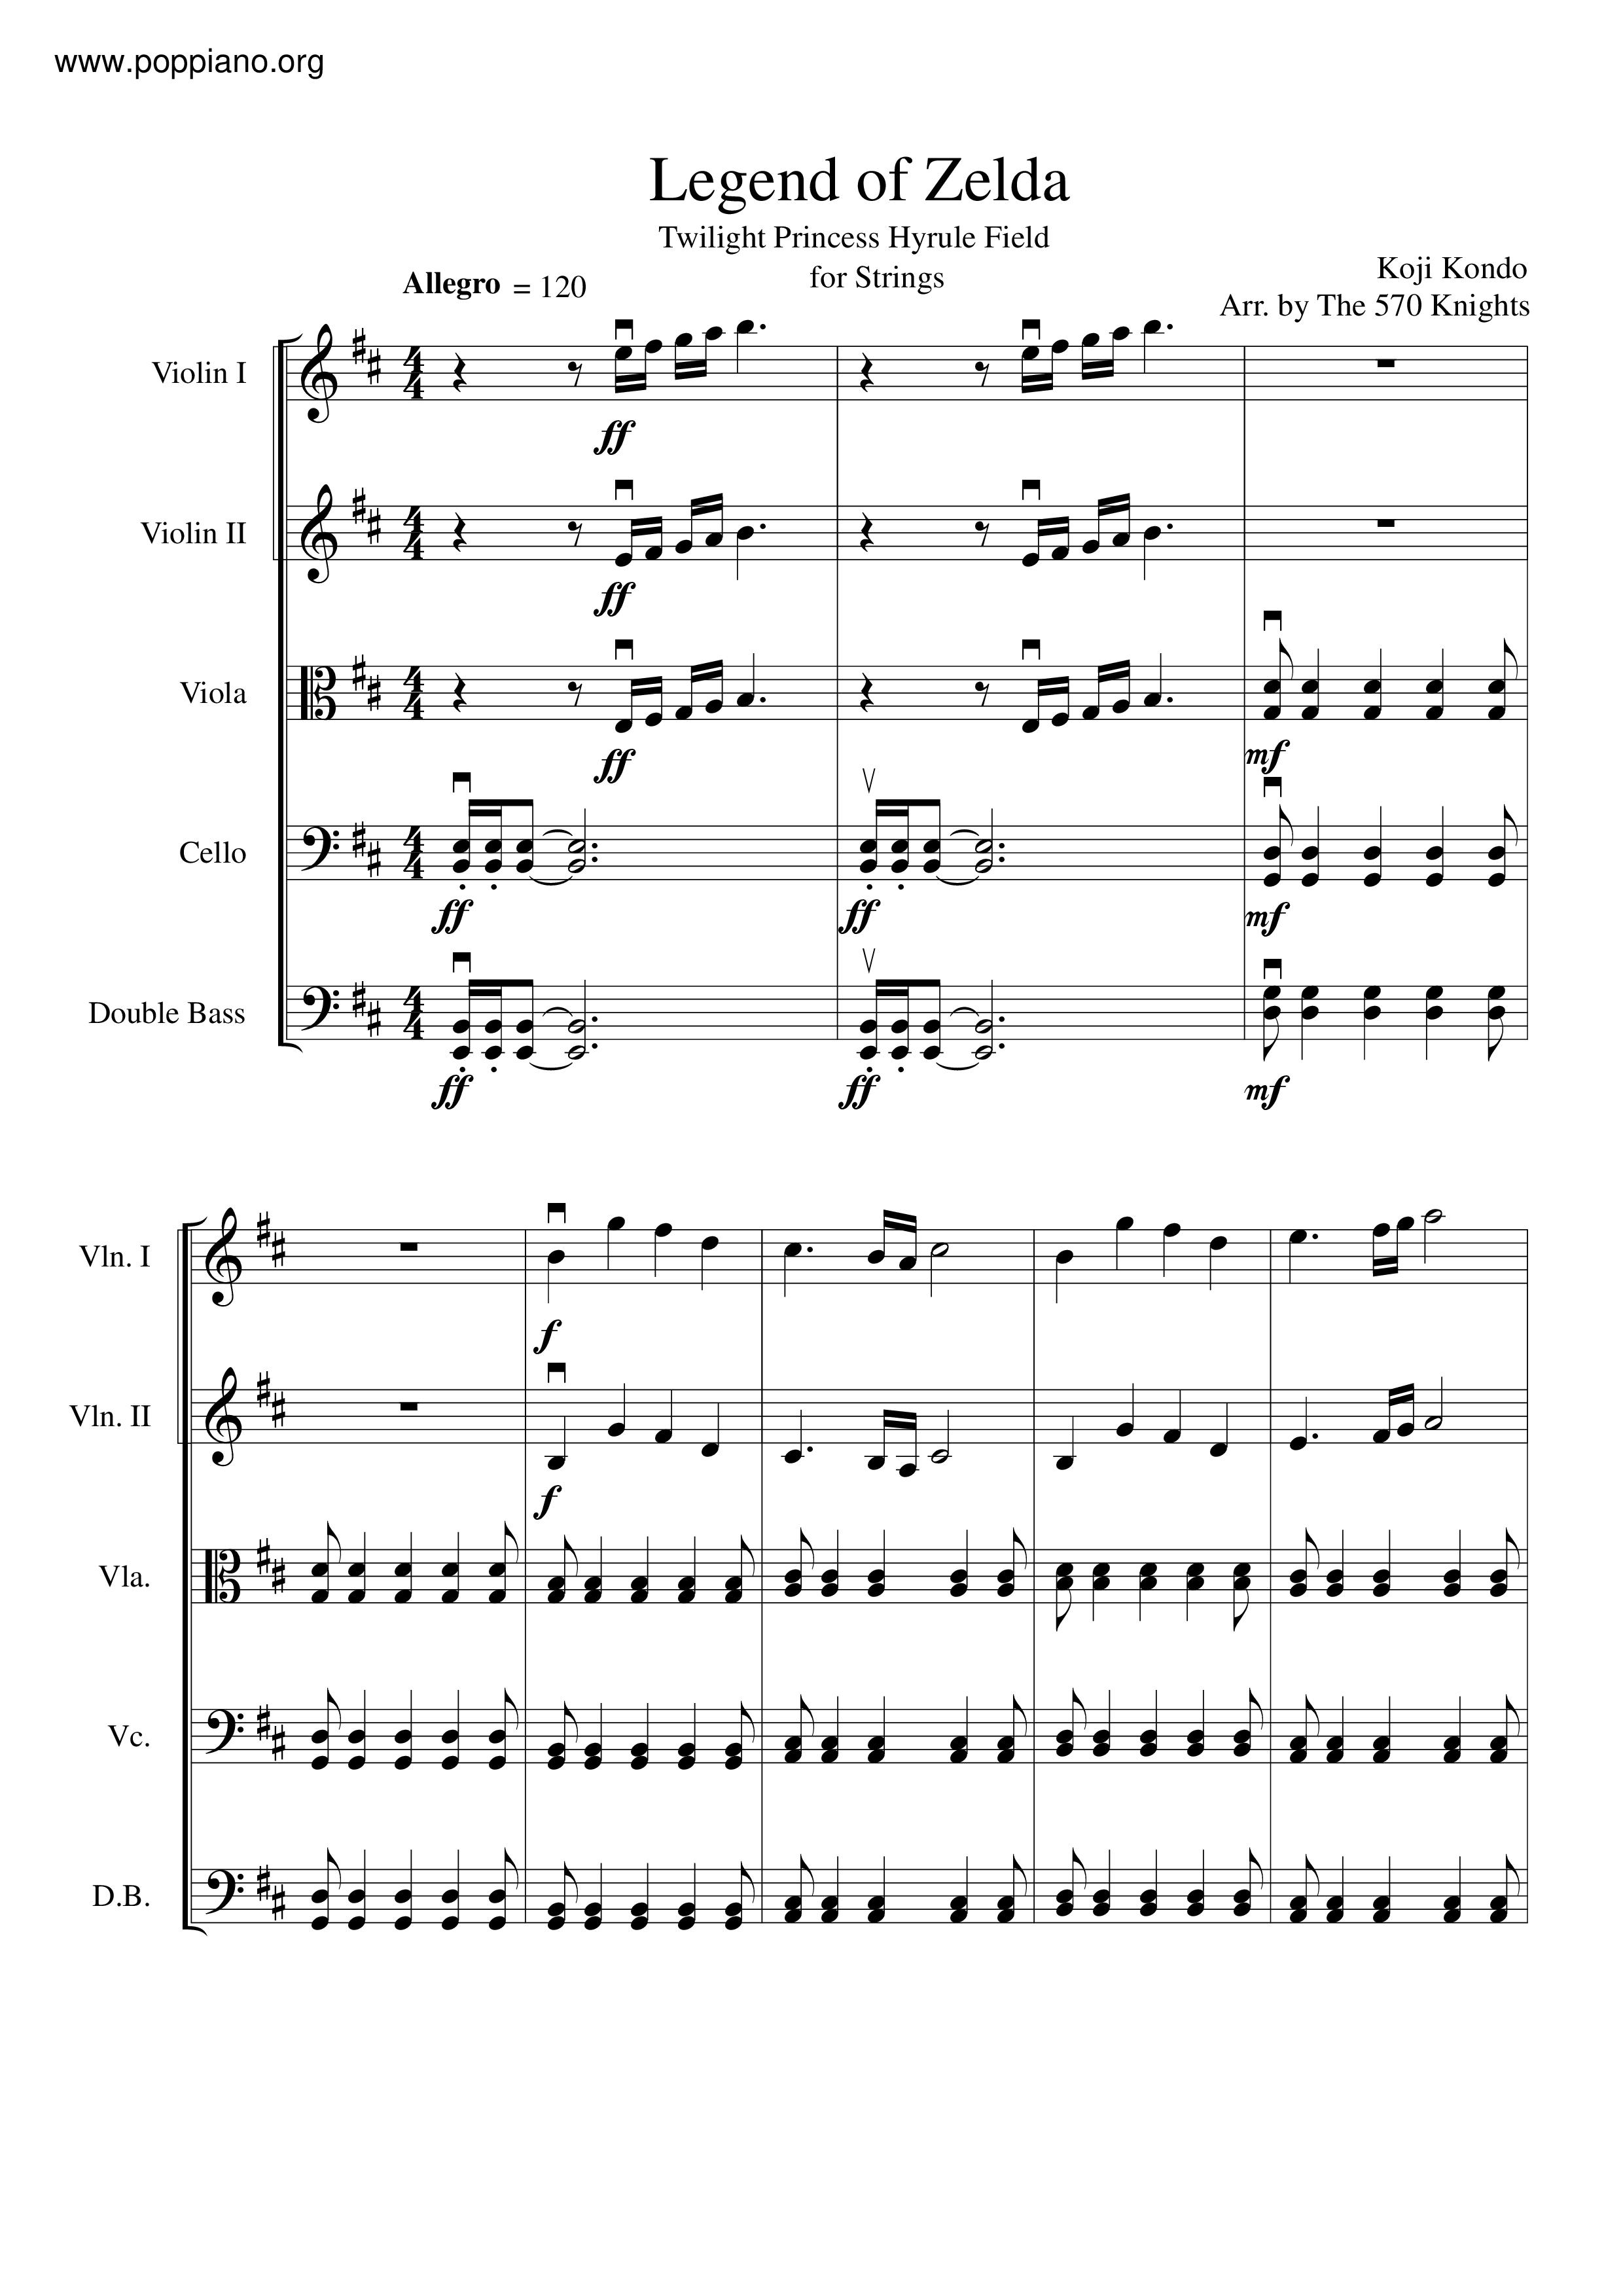 The Legend Of Zelda Twilight Princess Hyrule Field Sheet Music Pdf Free Score Download